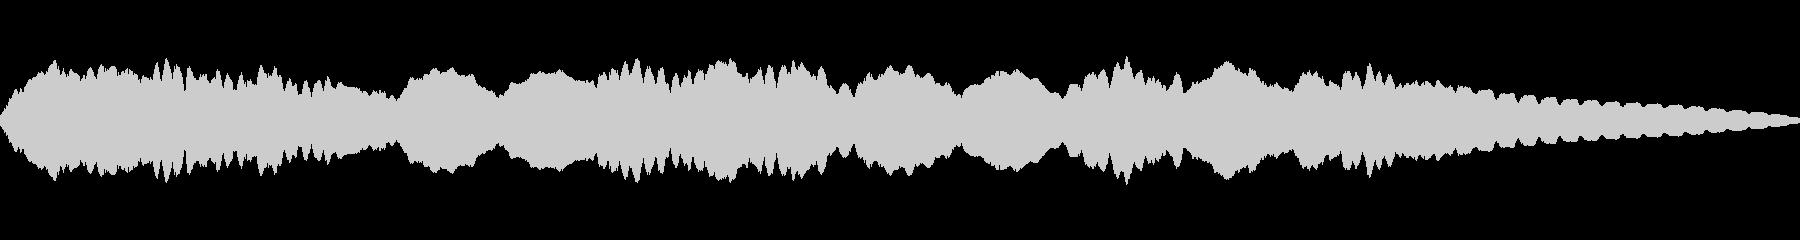 ムーグ、ドローン、ディストーション...の未再生の波形